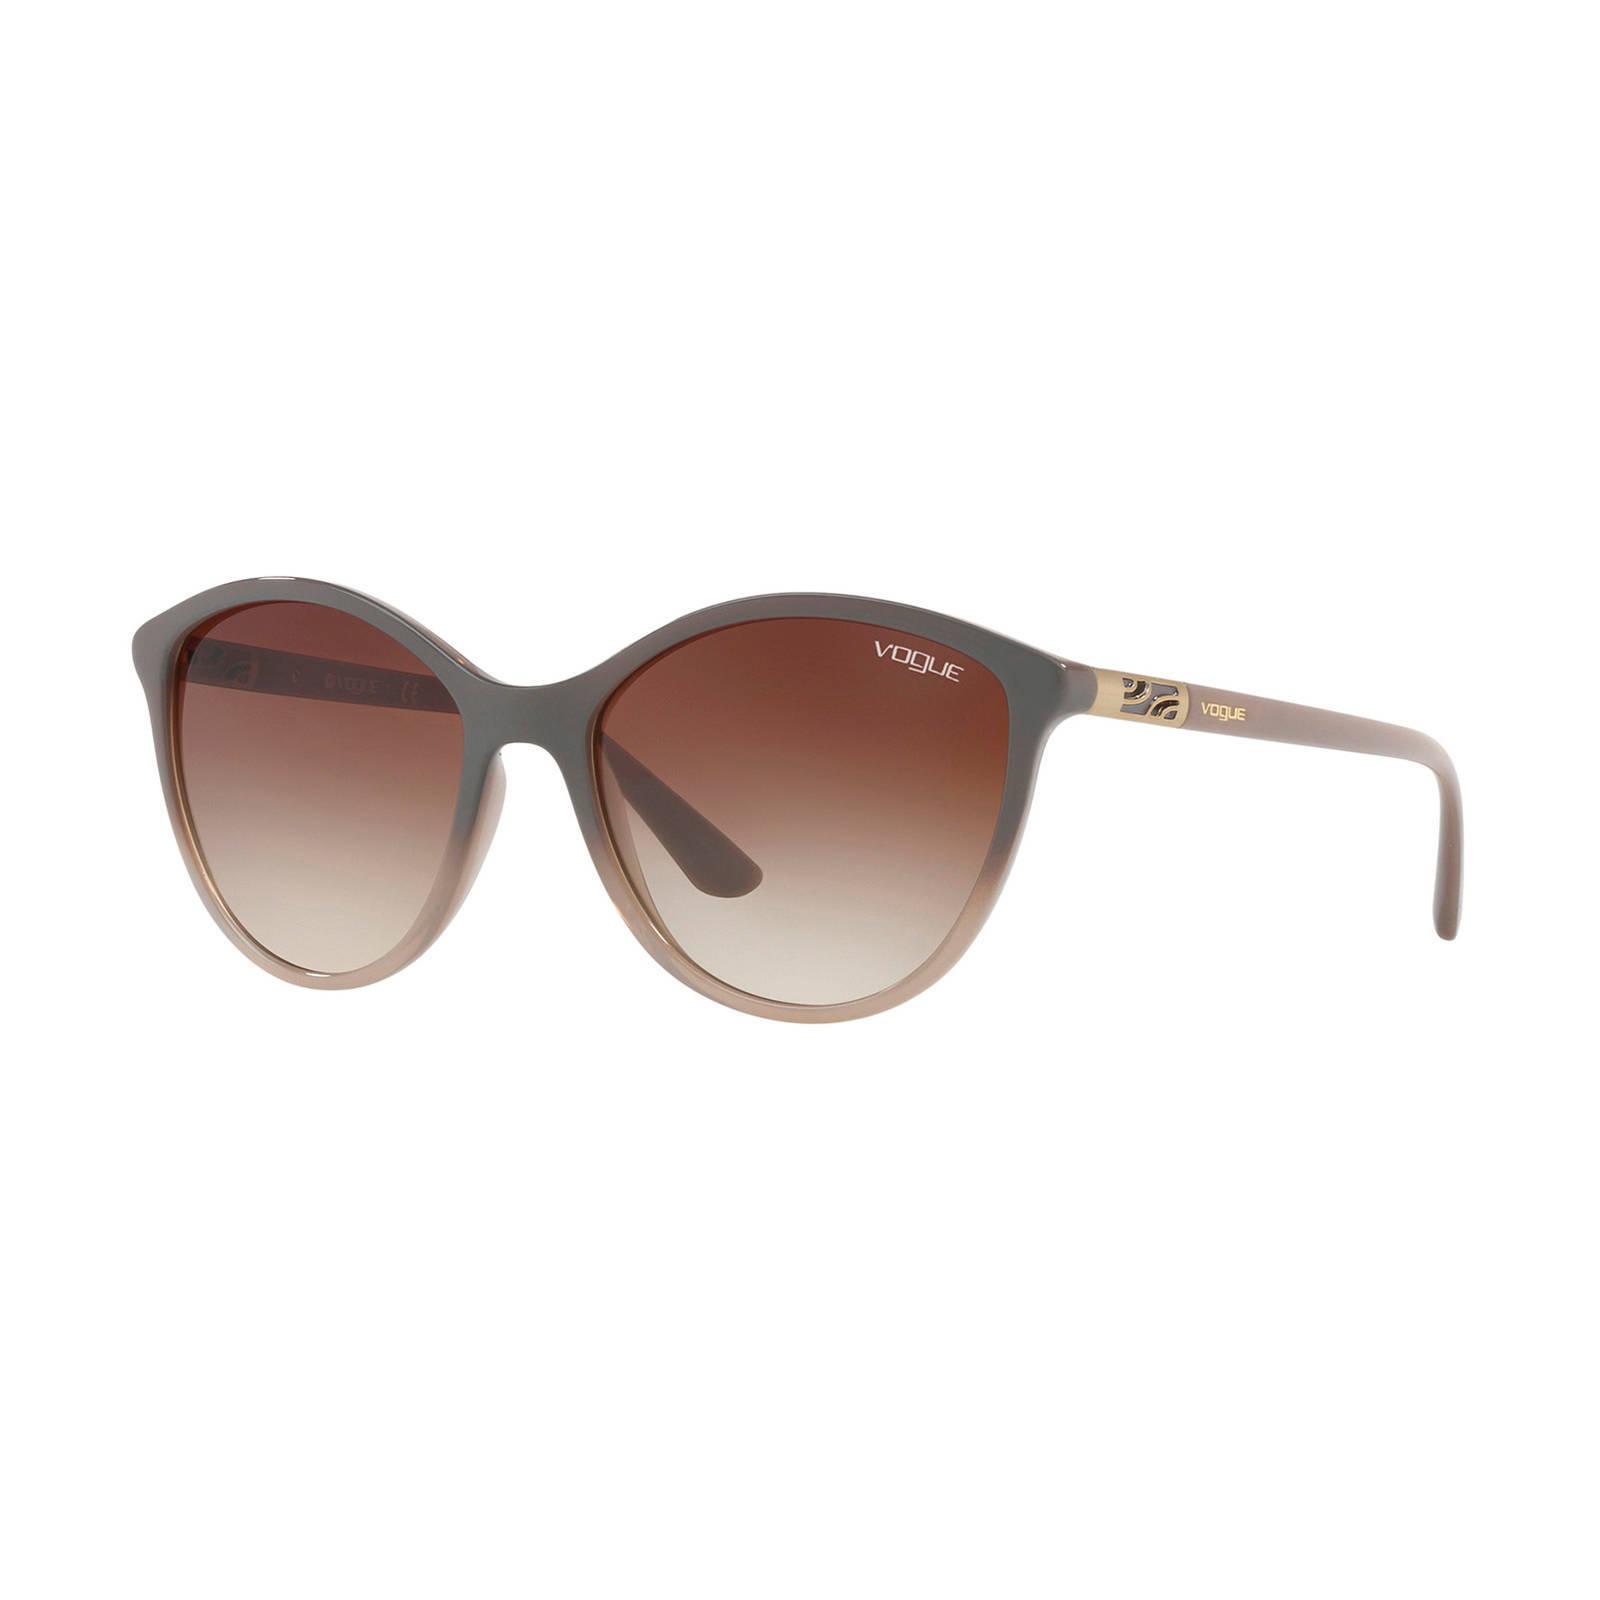 Zonnebrillen Vanaf Bezorging 20 Wehkamp Bij Gratis qwS1Y